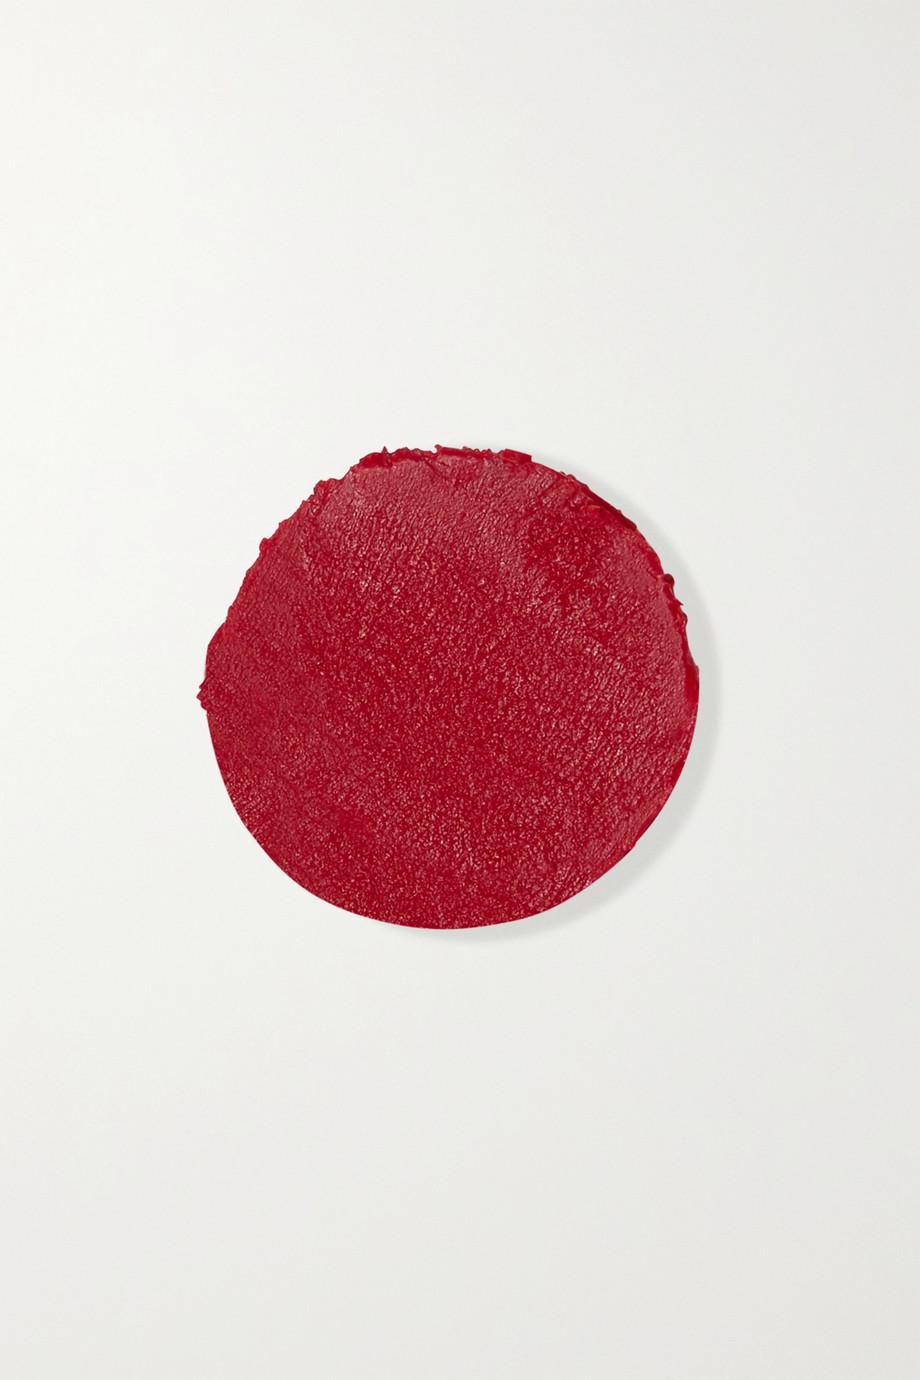 Ilia Color Block Lipstick - Tango